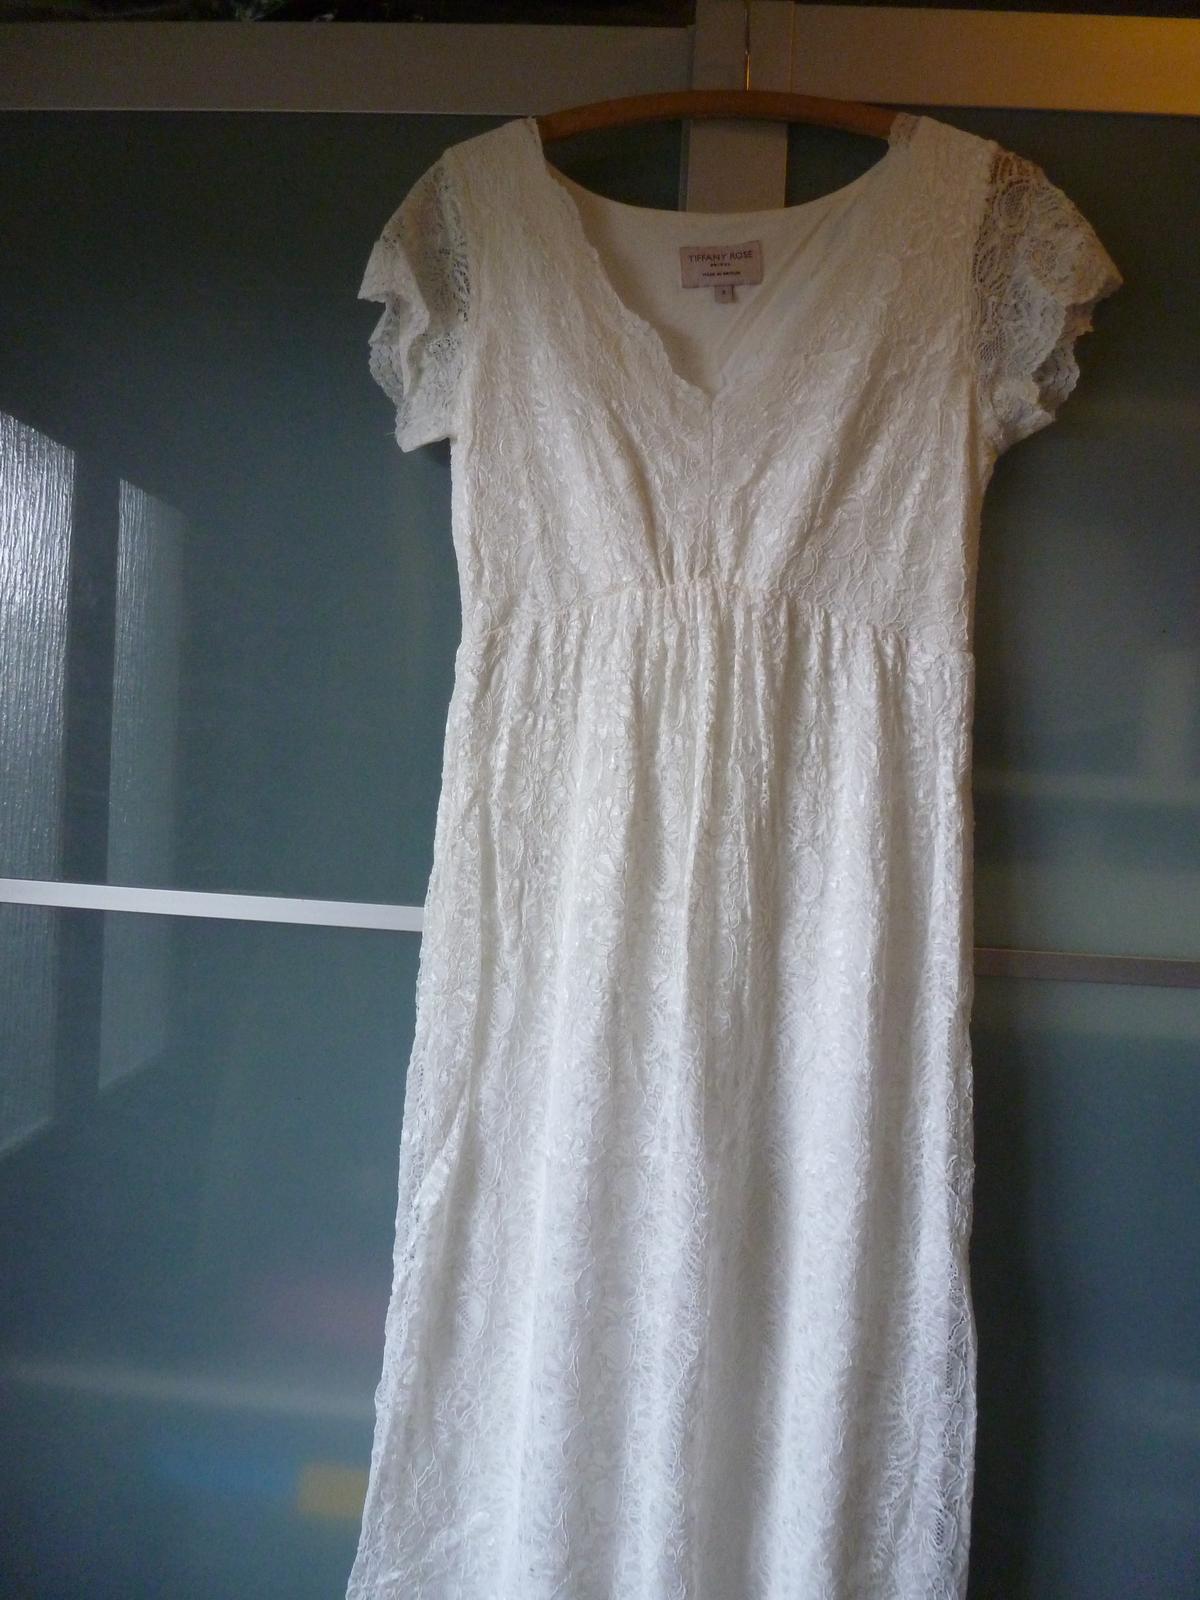 Svatební šaty, vel. 38 - 40 - Obrázek č. 1